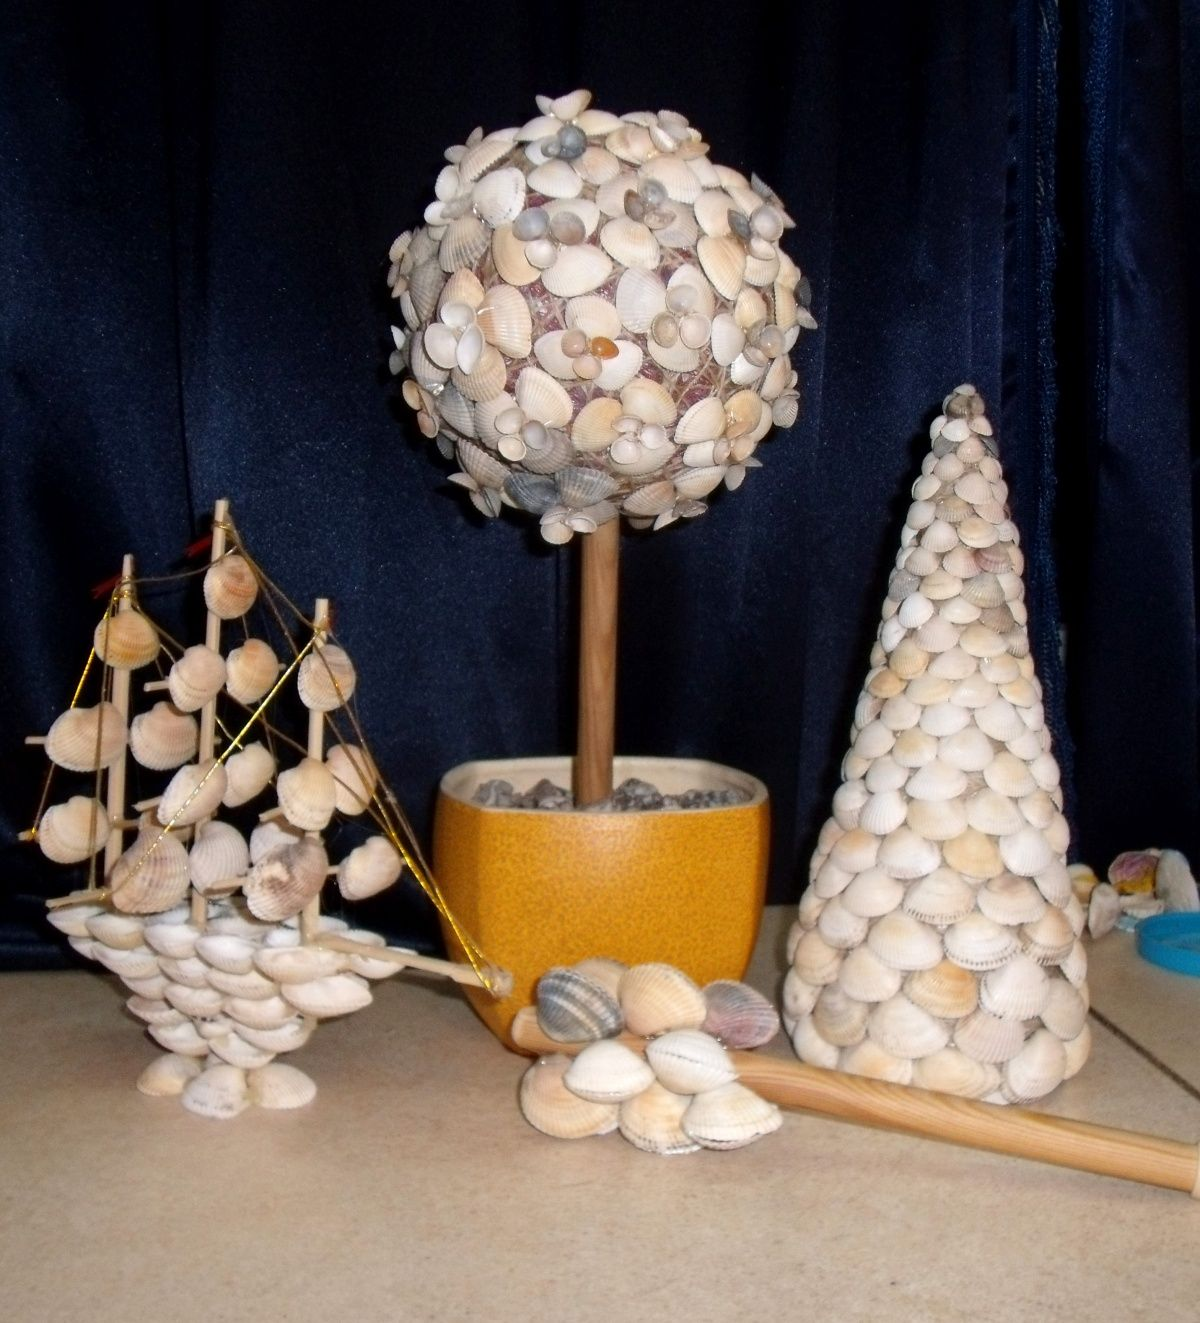 Conchas de mar buscar con google manualidades con - Manualidades con conchas ...